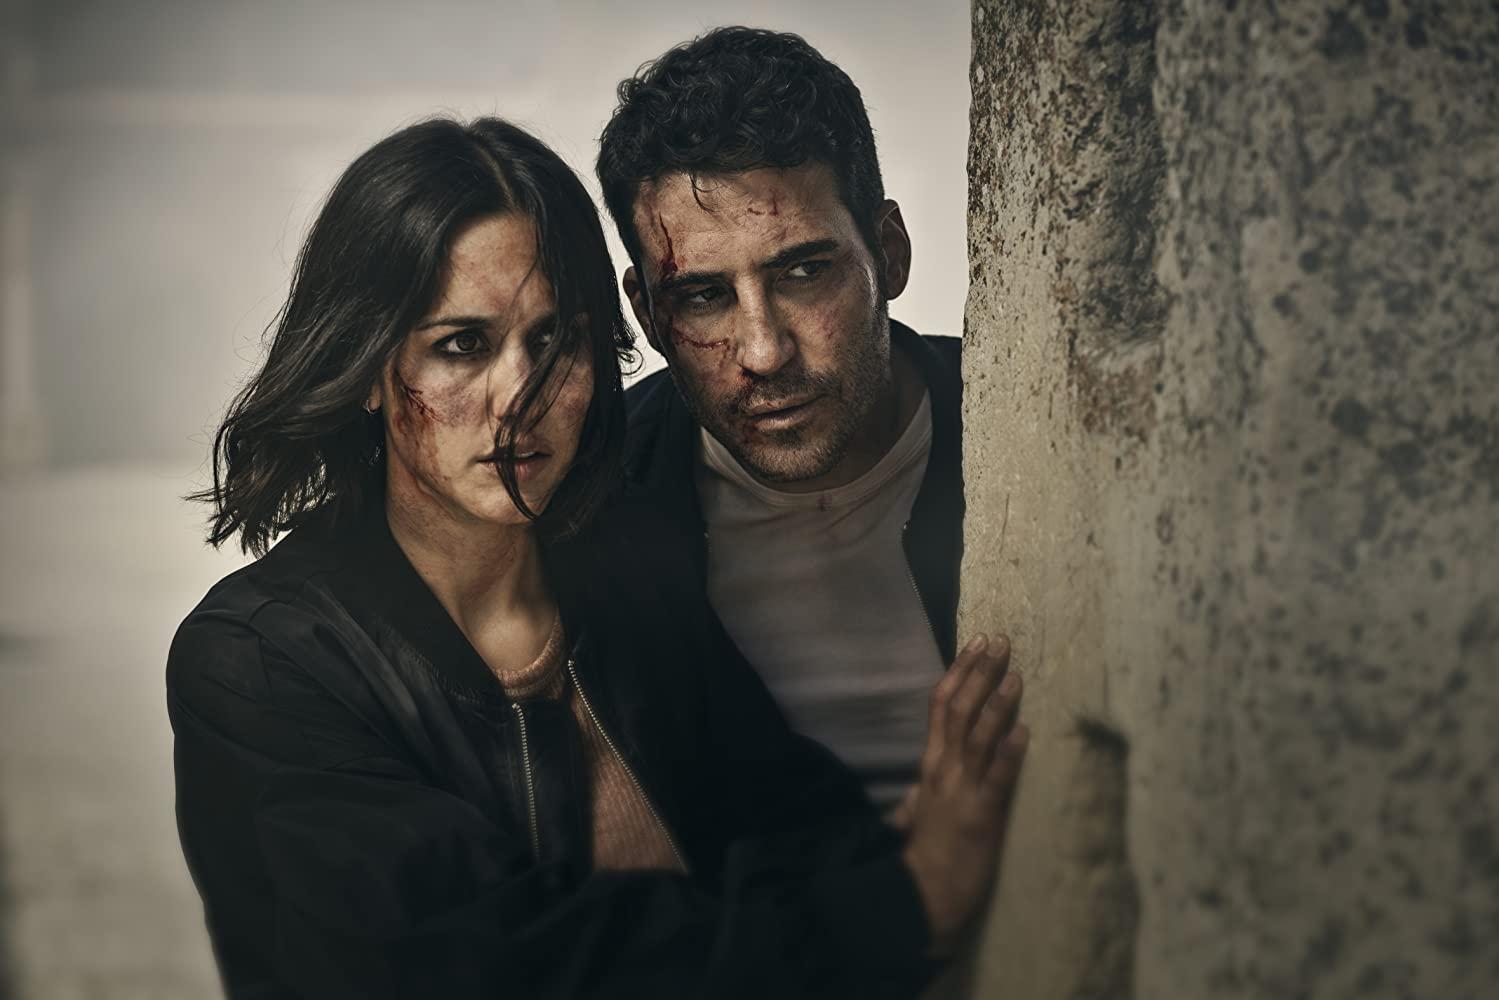 30 Monedas: Avance de la producción de Álex de la Iglesia para HBO